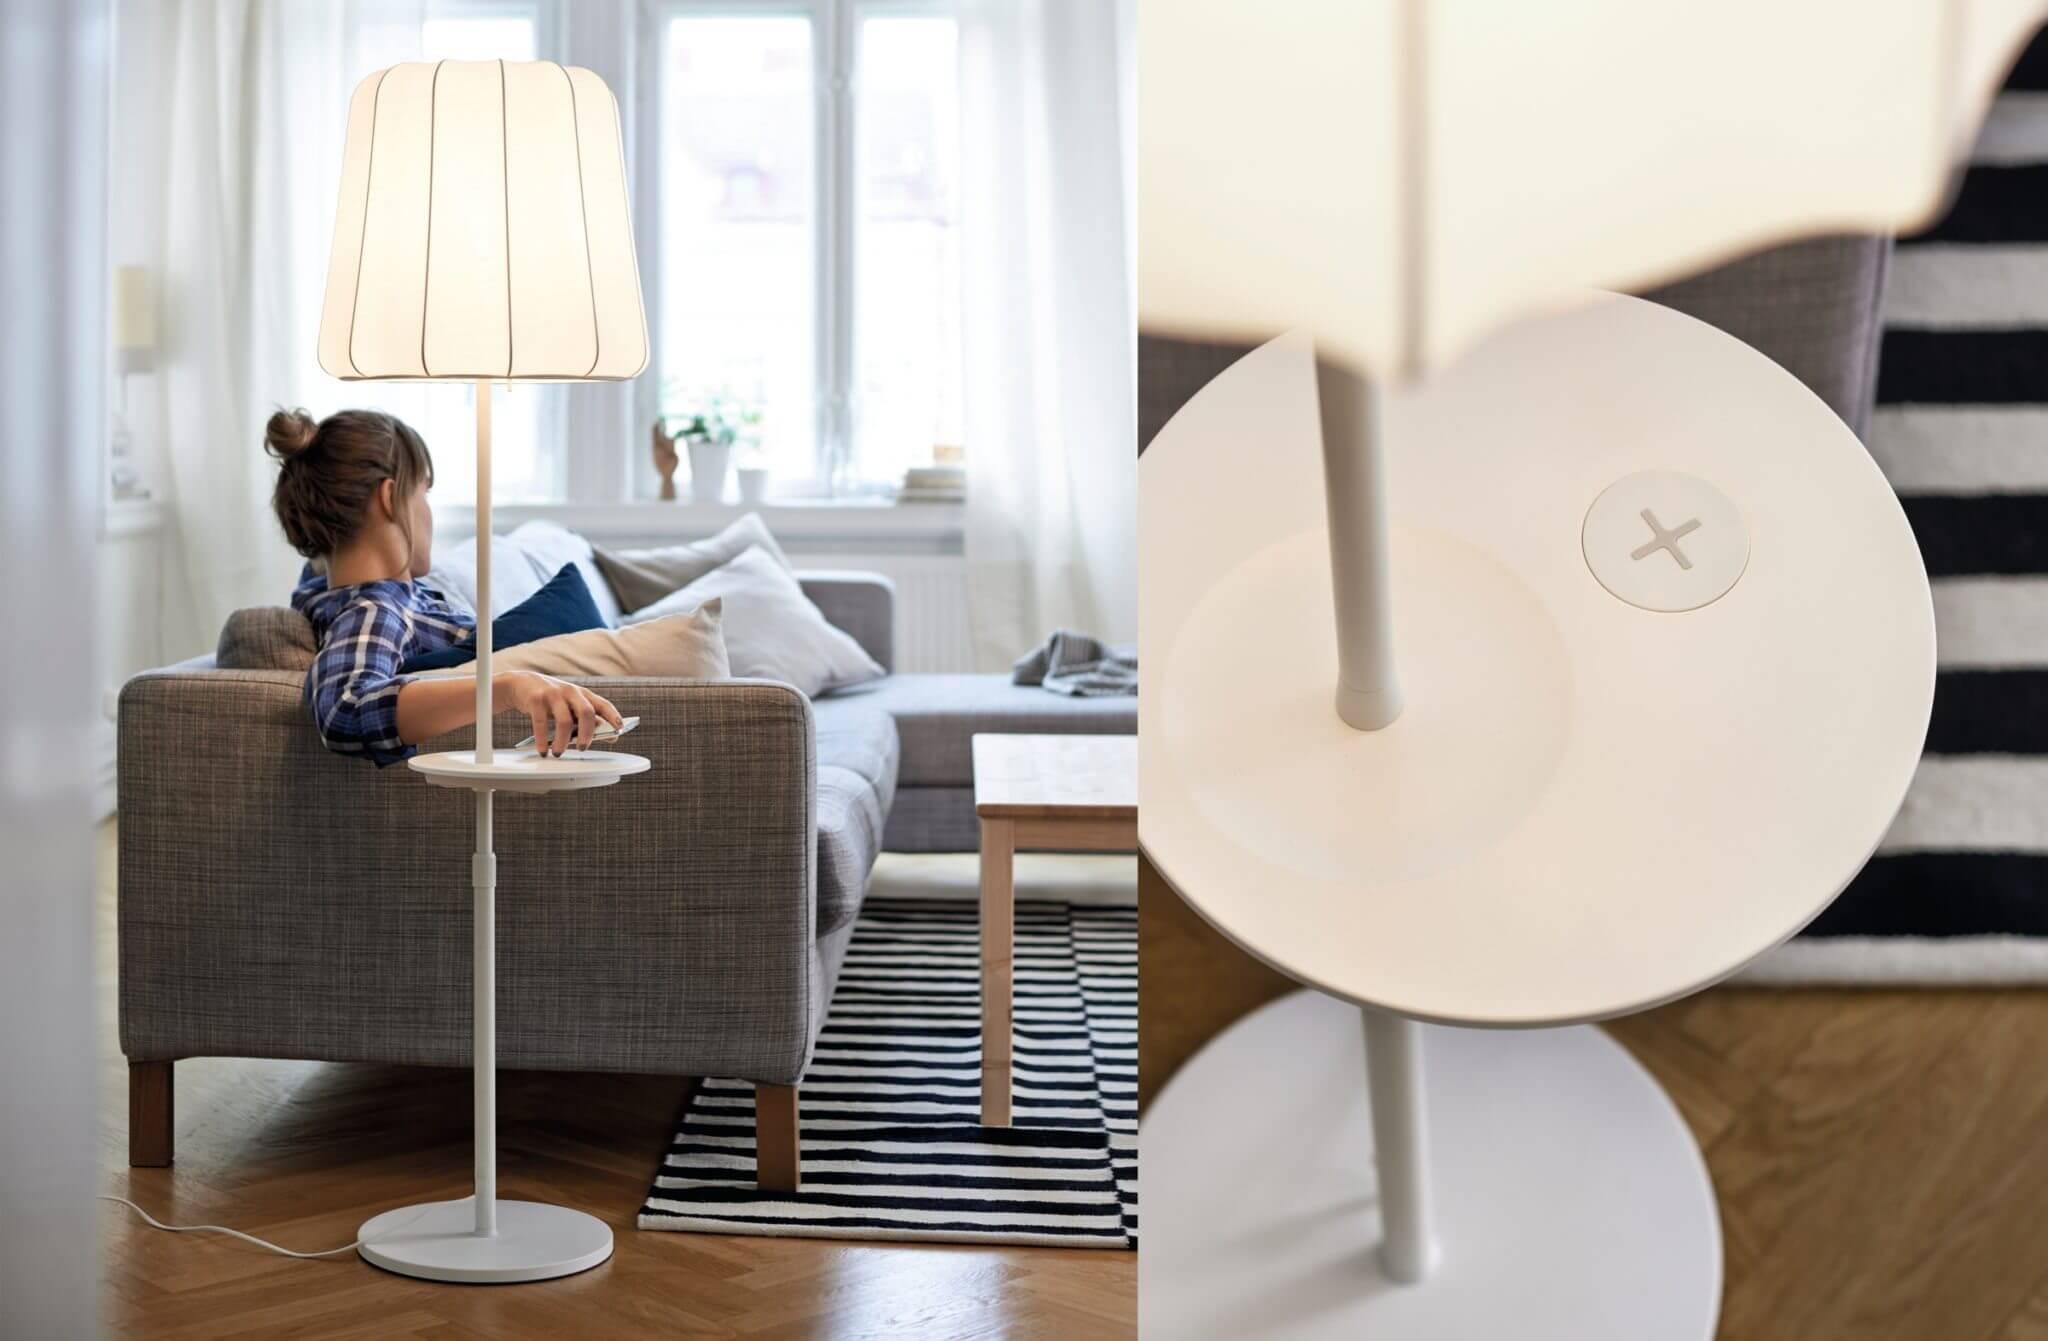 Full Size of Ikea Stehlampe Holz Lampen Und Tische Mit Qi Ladegert Ab April Betten Aus Regal Fliesen In Holzoptik Bad Massivholz Wohnzimmer Miniküche Esstische Bett Wohnzimmer Ikea Stehlampe Holz